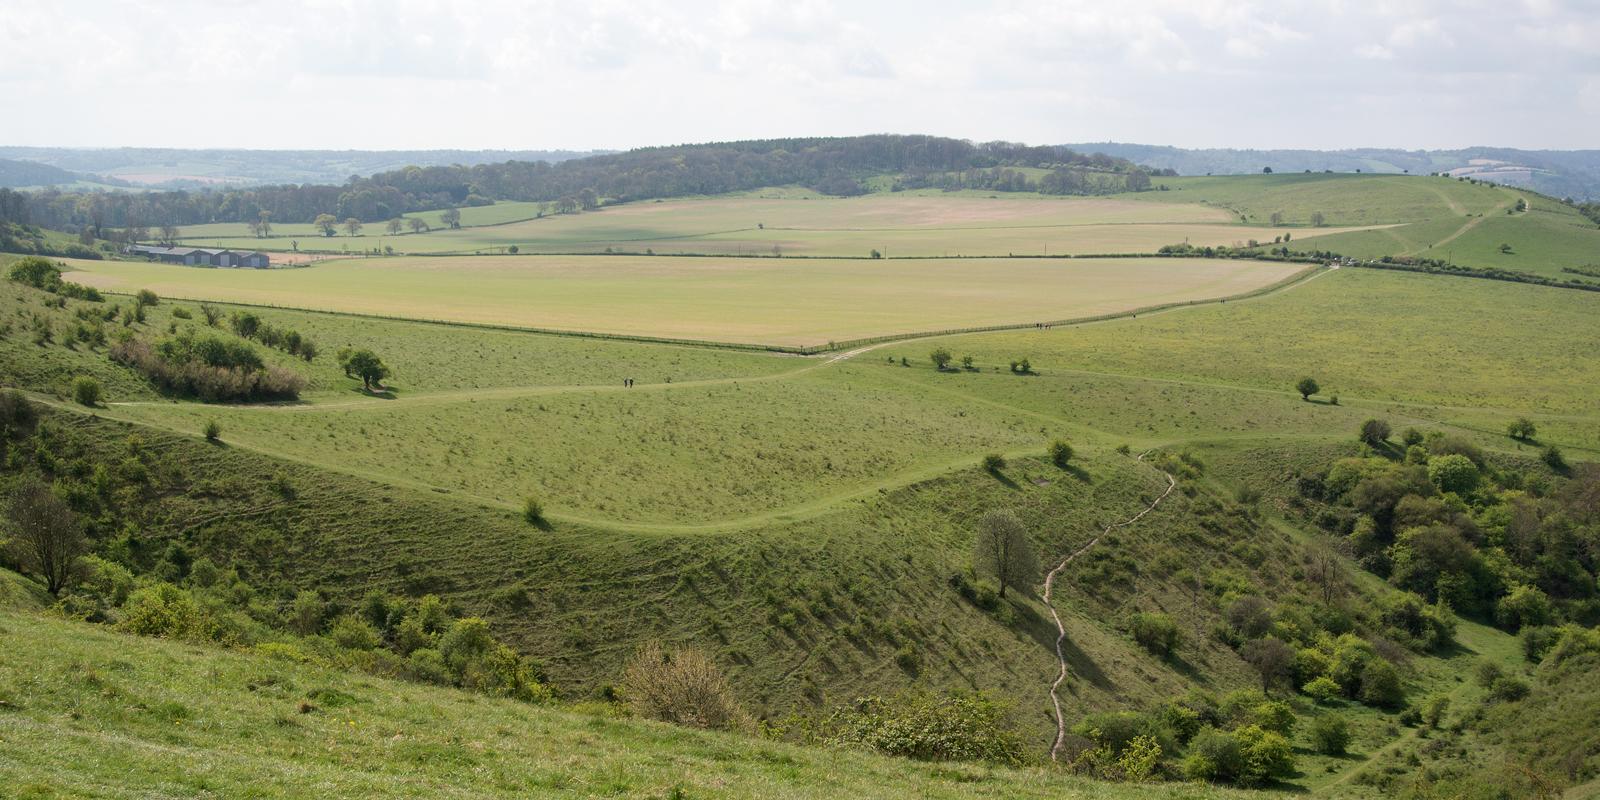 The Ridgeway Tring Circular